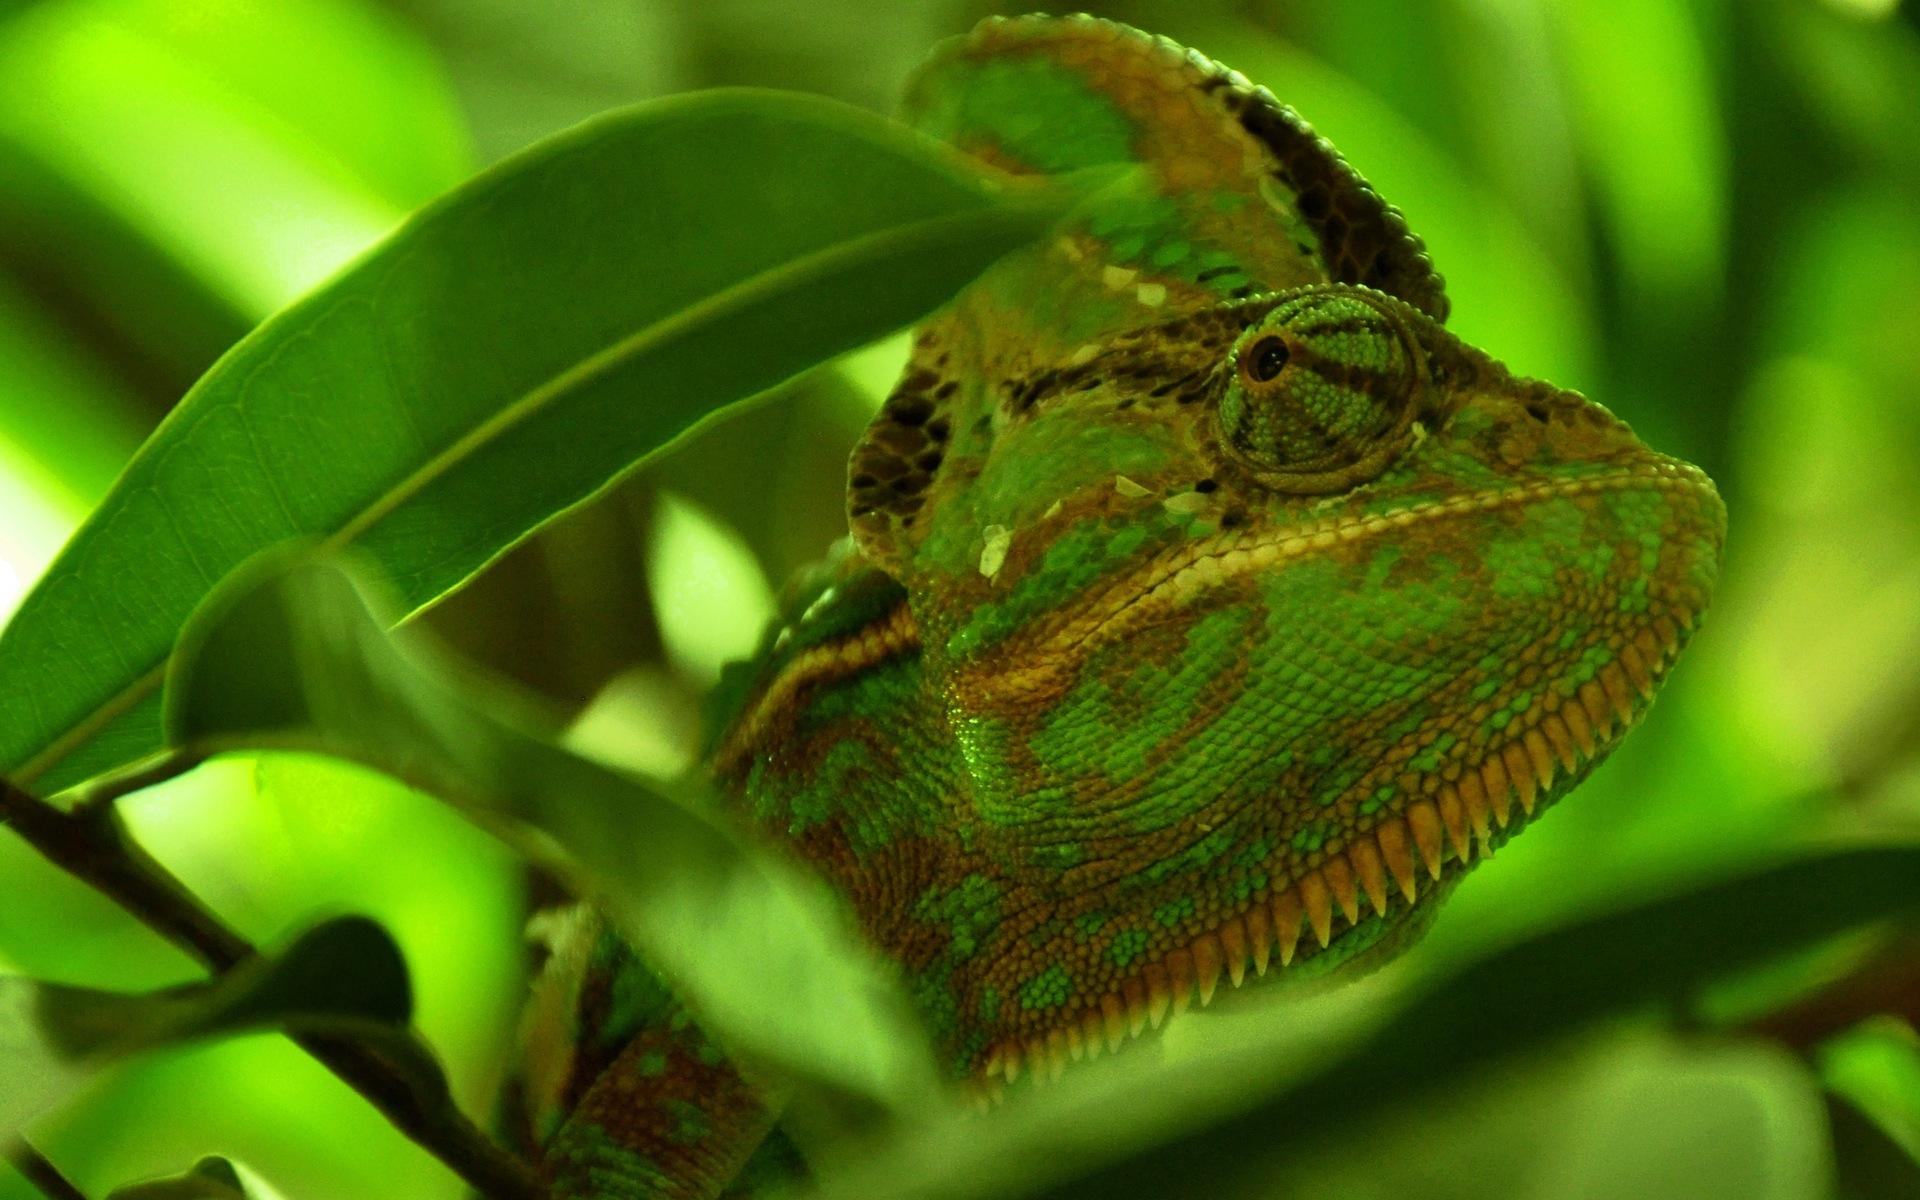 green chameleon wallpaper background